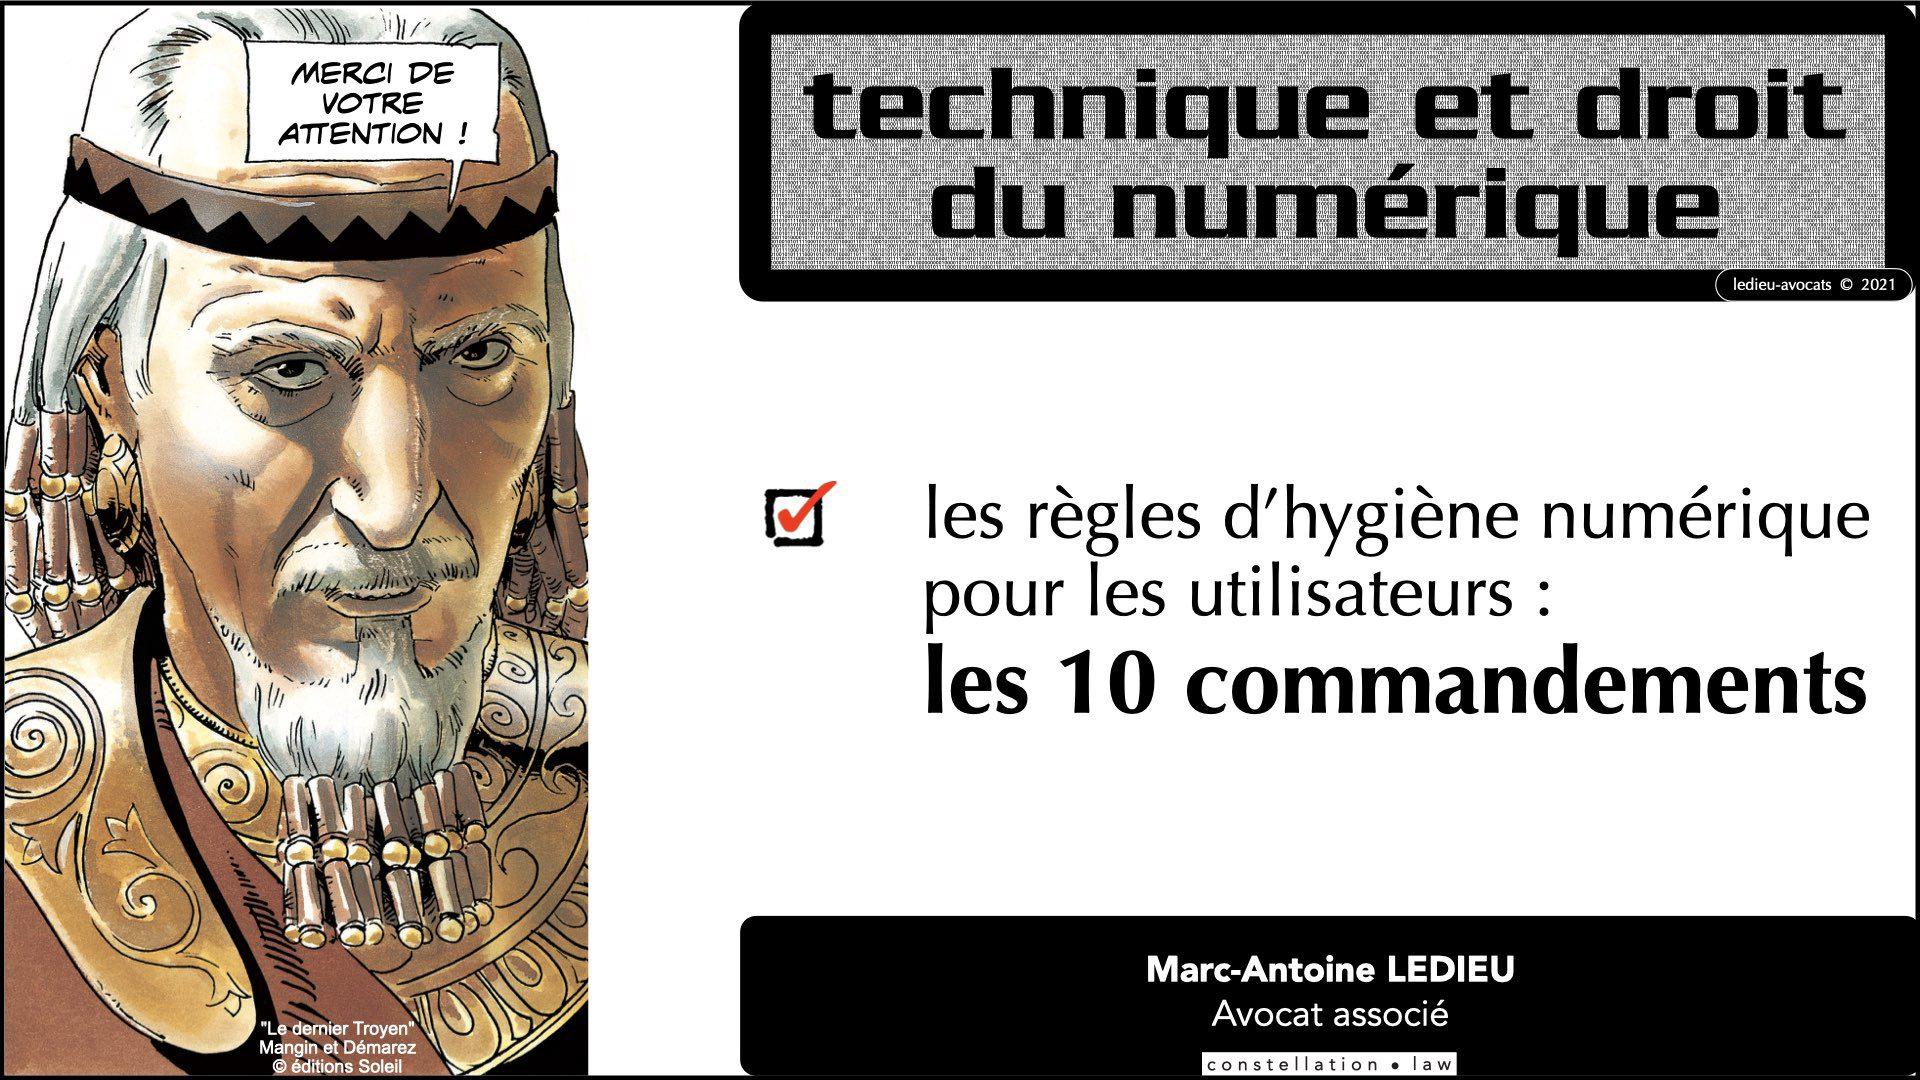 345 10 commandements hygiène numérique © Ledieu-Avocats technique droit numérique 07-09-2021.030